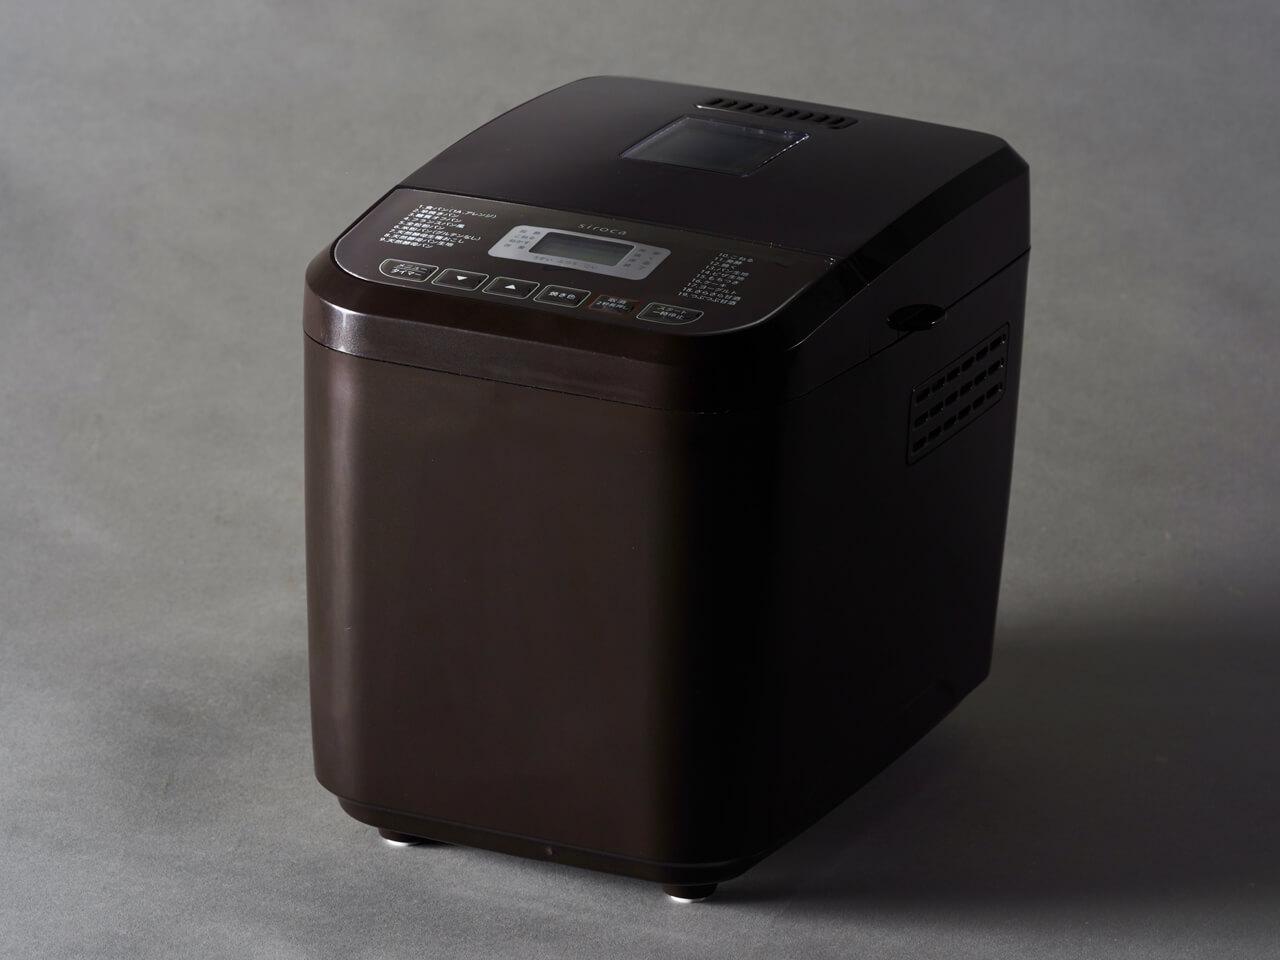 シロカの最新ホームベーカリー「おうちベーカリーSB-1D151」 リーズナブルな価格